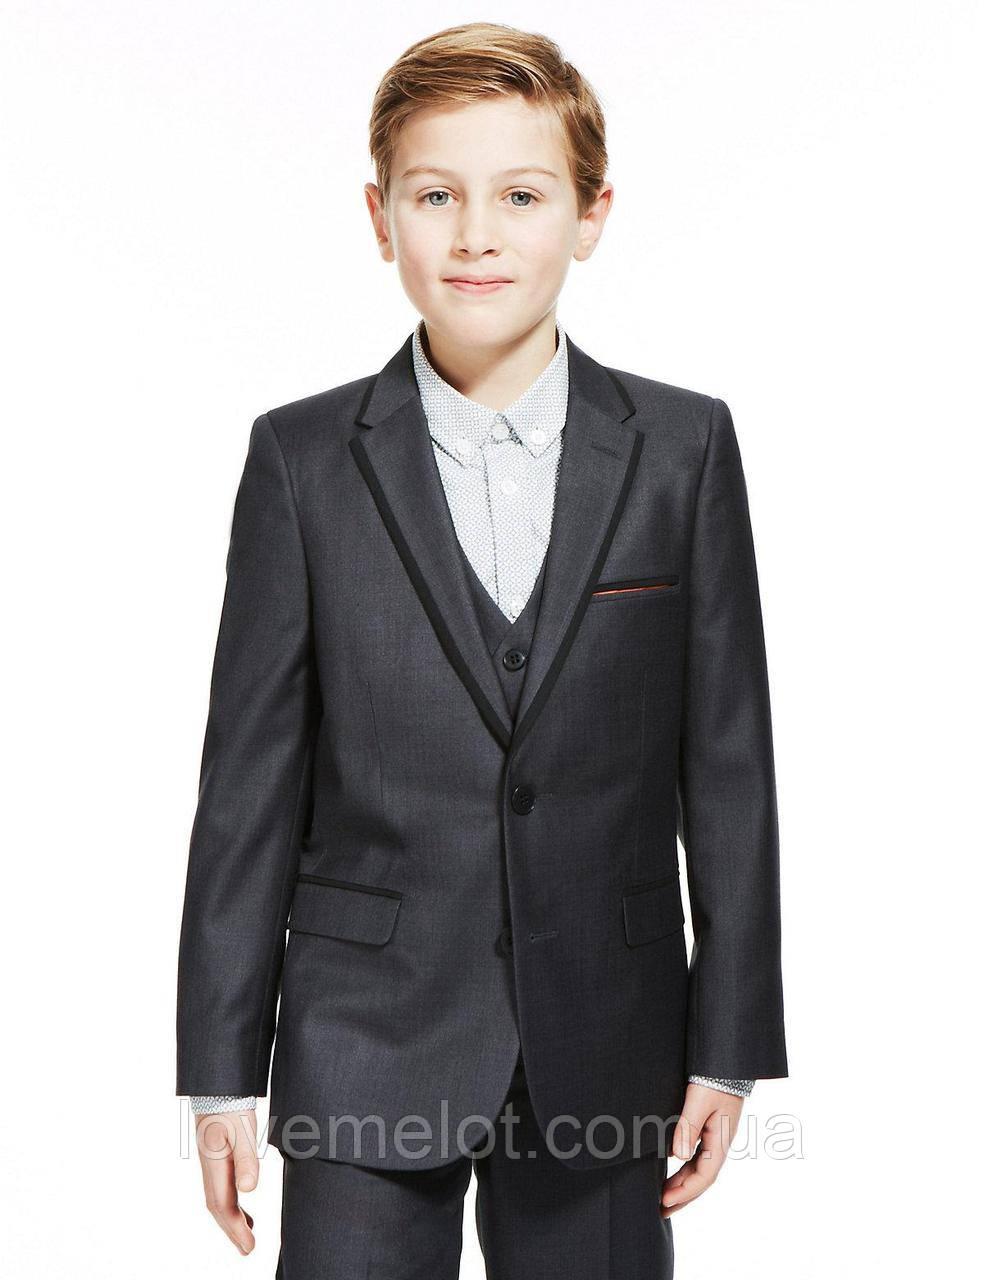 """Детский школьный пиджак Marks&Spencer """"Графит"""" для мальчика, размер 128 см (7-8 лет), школьная форма"""